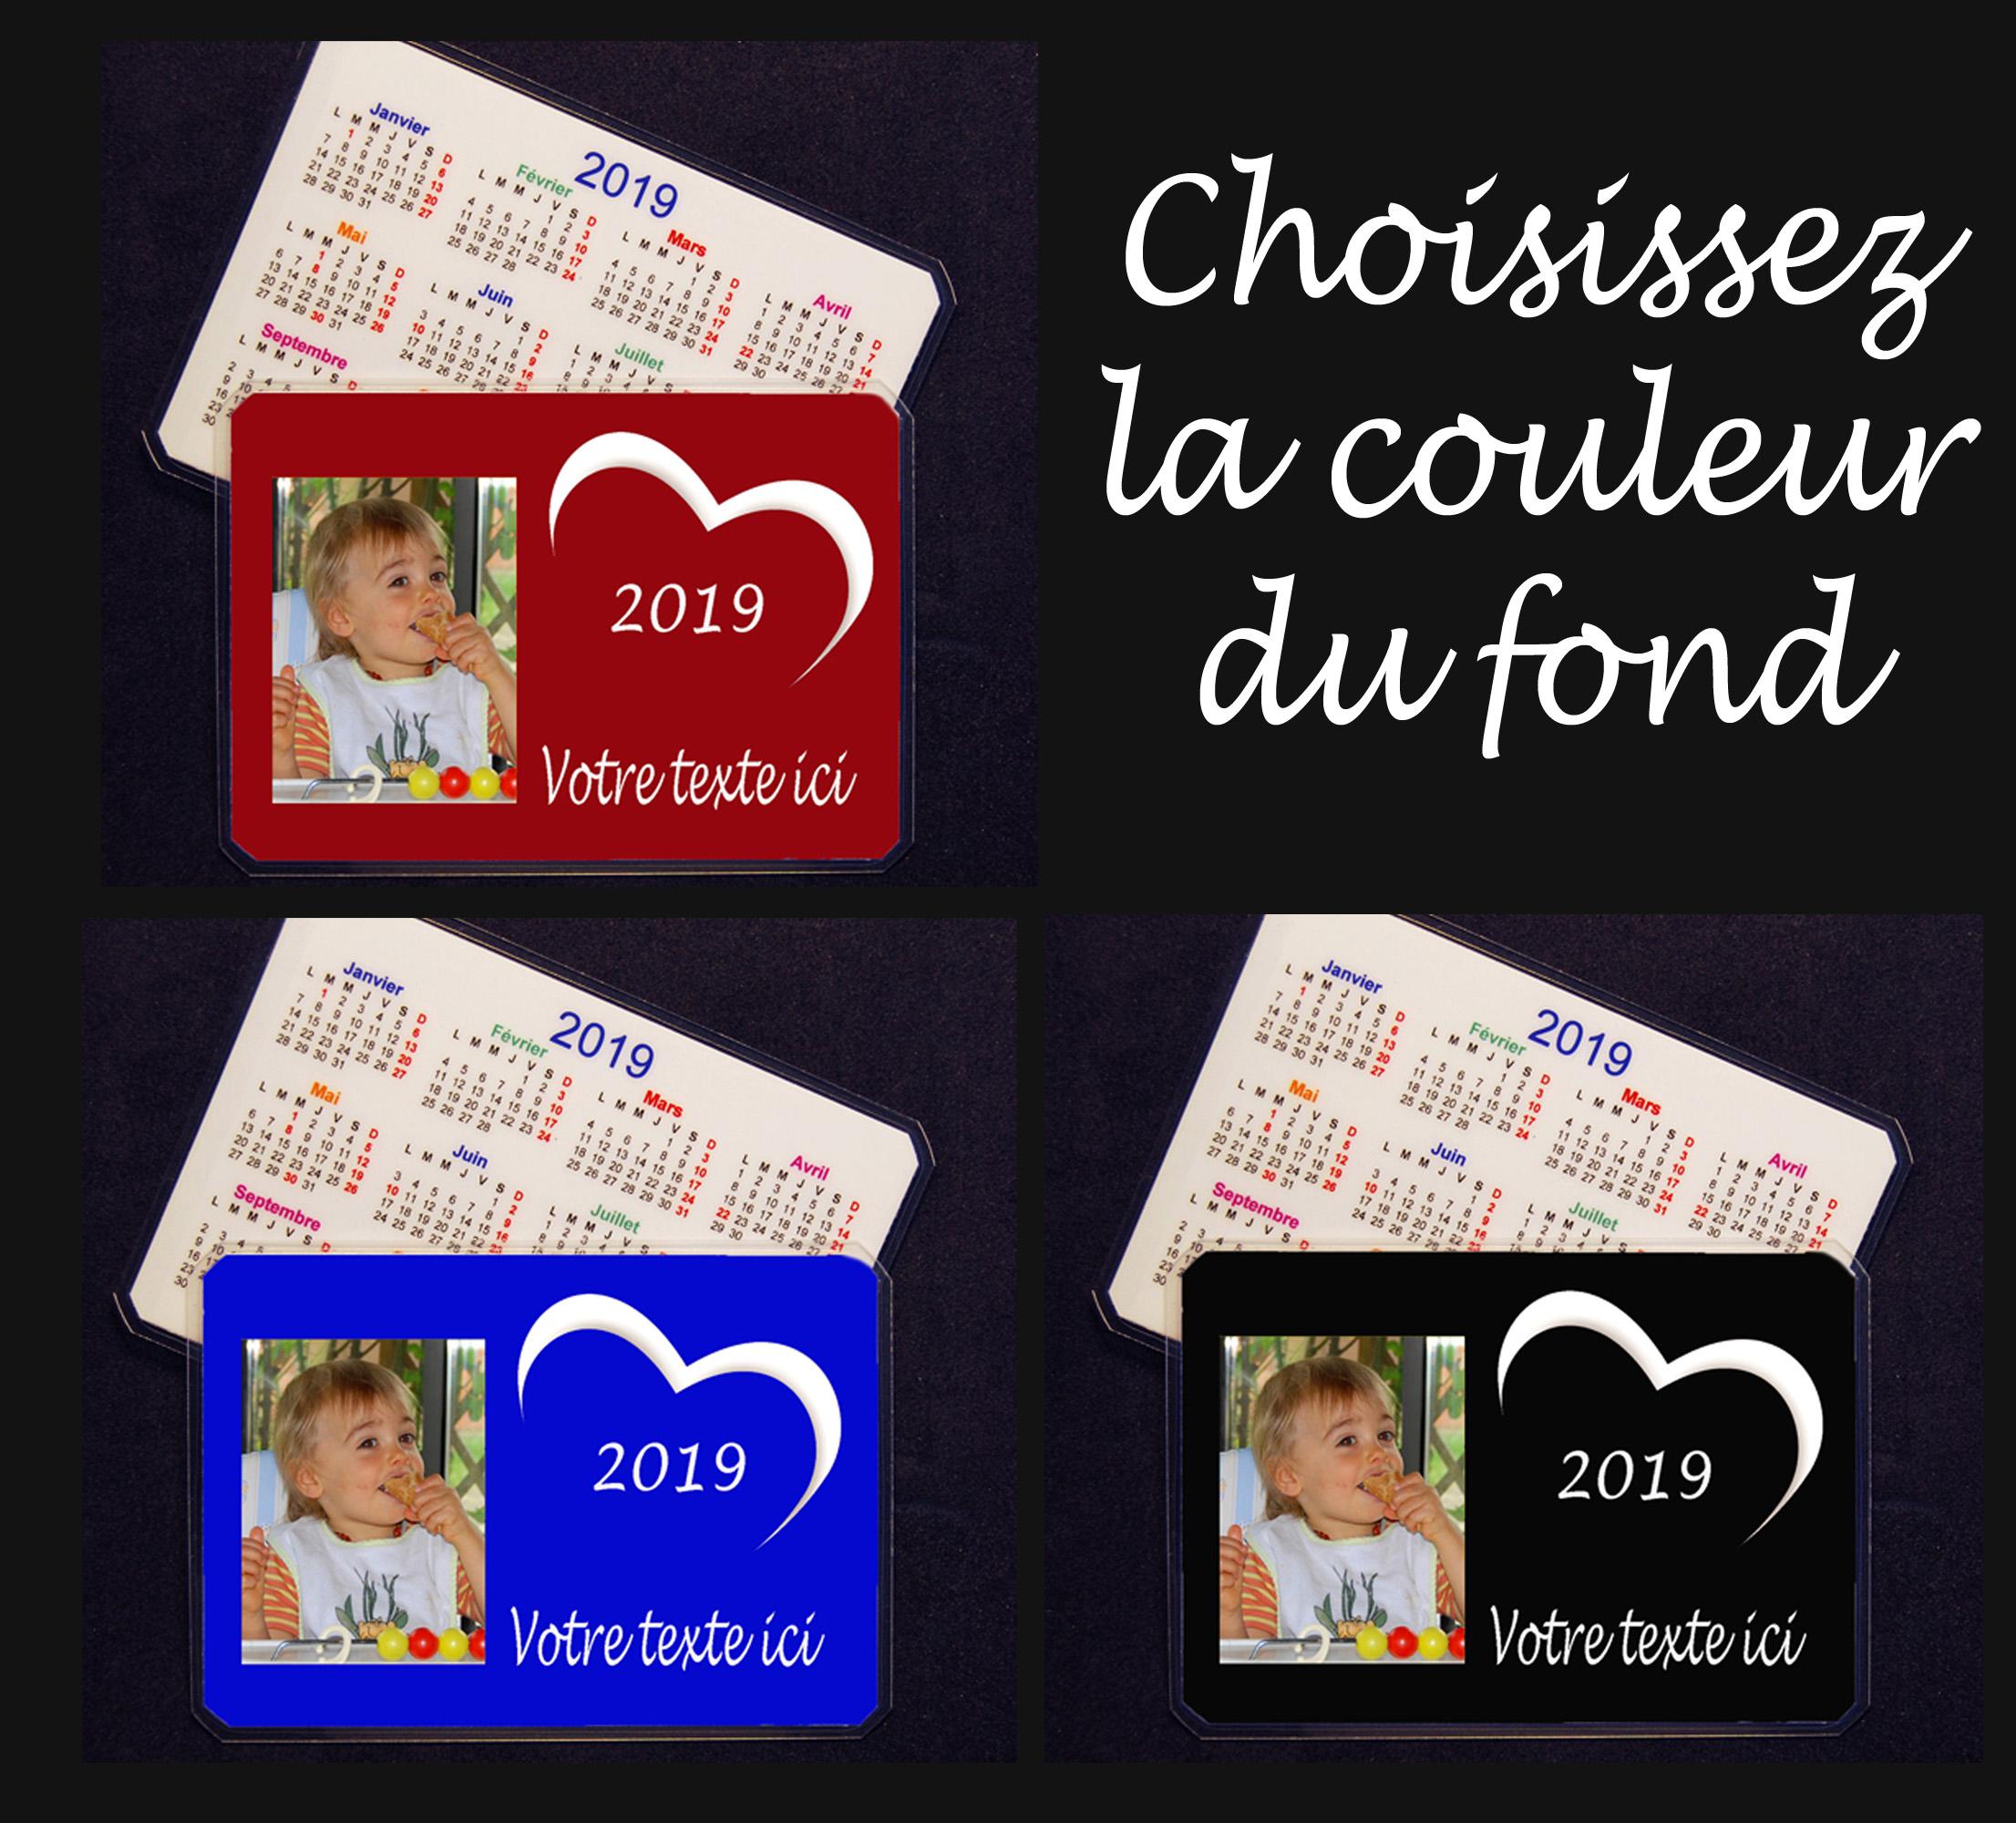 Calendrier De Poche 2019.Calendrier De Poche 2019 Personnalise Avec 1 Photo Texte Modele Coeur Fond Couleur